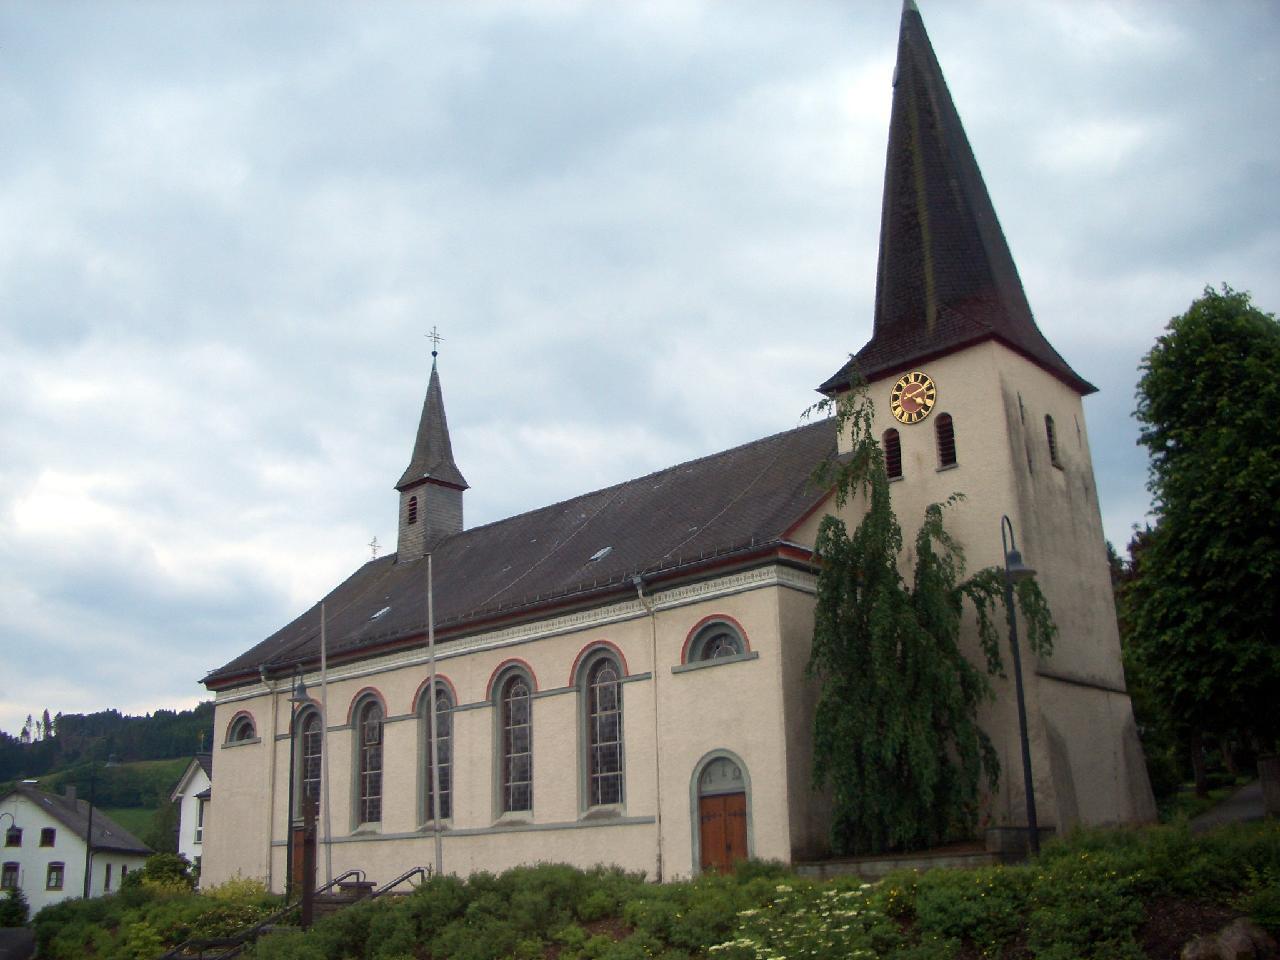 Bild von Festhochamt zum Burchard-Patronat in Oedingen am 11. Oktober